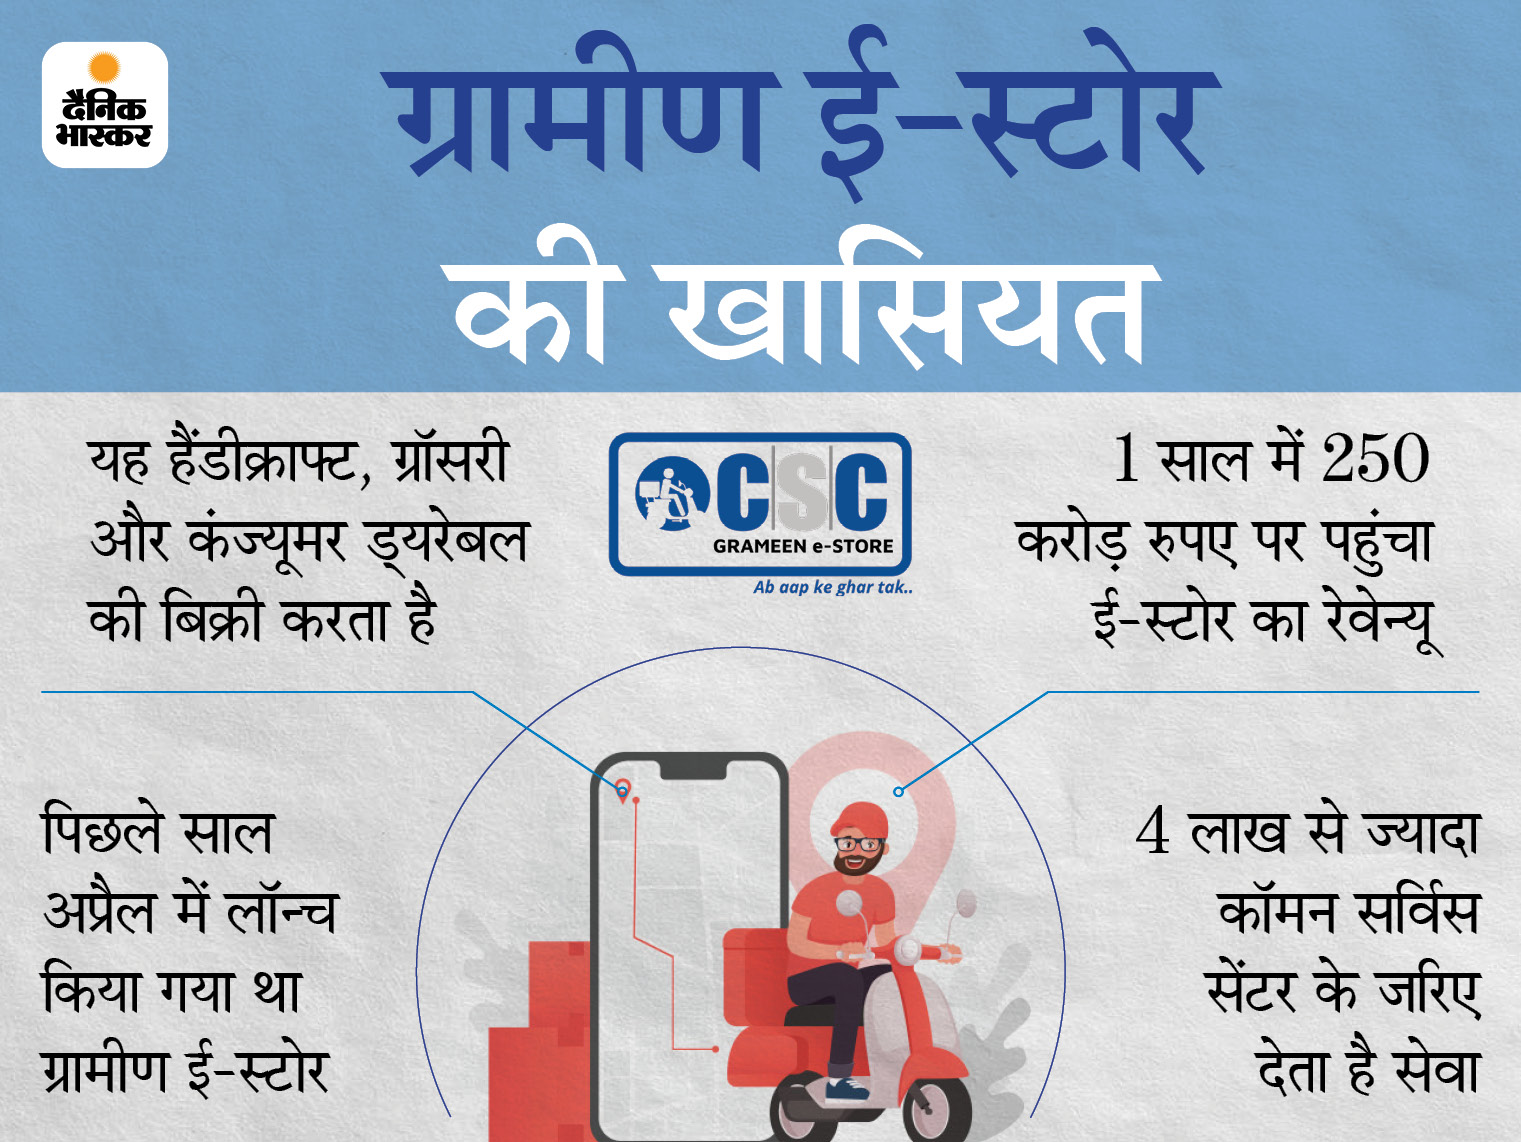 HDFC बैंक ने CSC ग्रामीण ई-स्टोर में 1.5% हिस्सेदारी खरीदी, 10 करोड़ रुपए में हुआ सौदा|बिजनेस,Business - Dainik Bhaskar